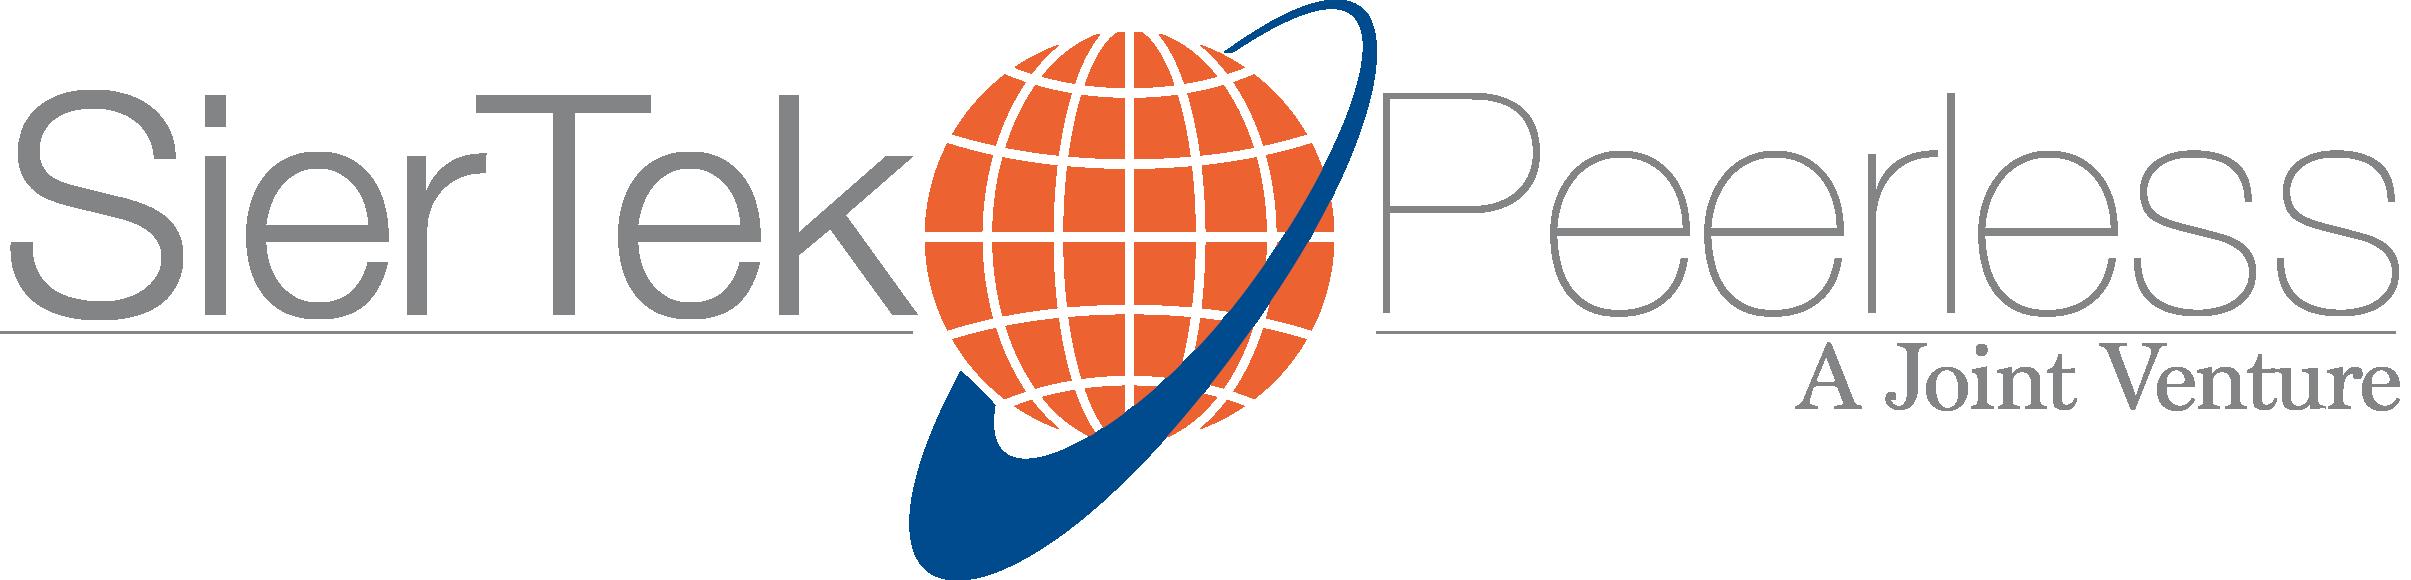 SierTek-Peerless JV LLC Awarded Share in DISA $17.5 Billion ENCORE III Multi-Award Contract